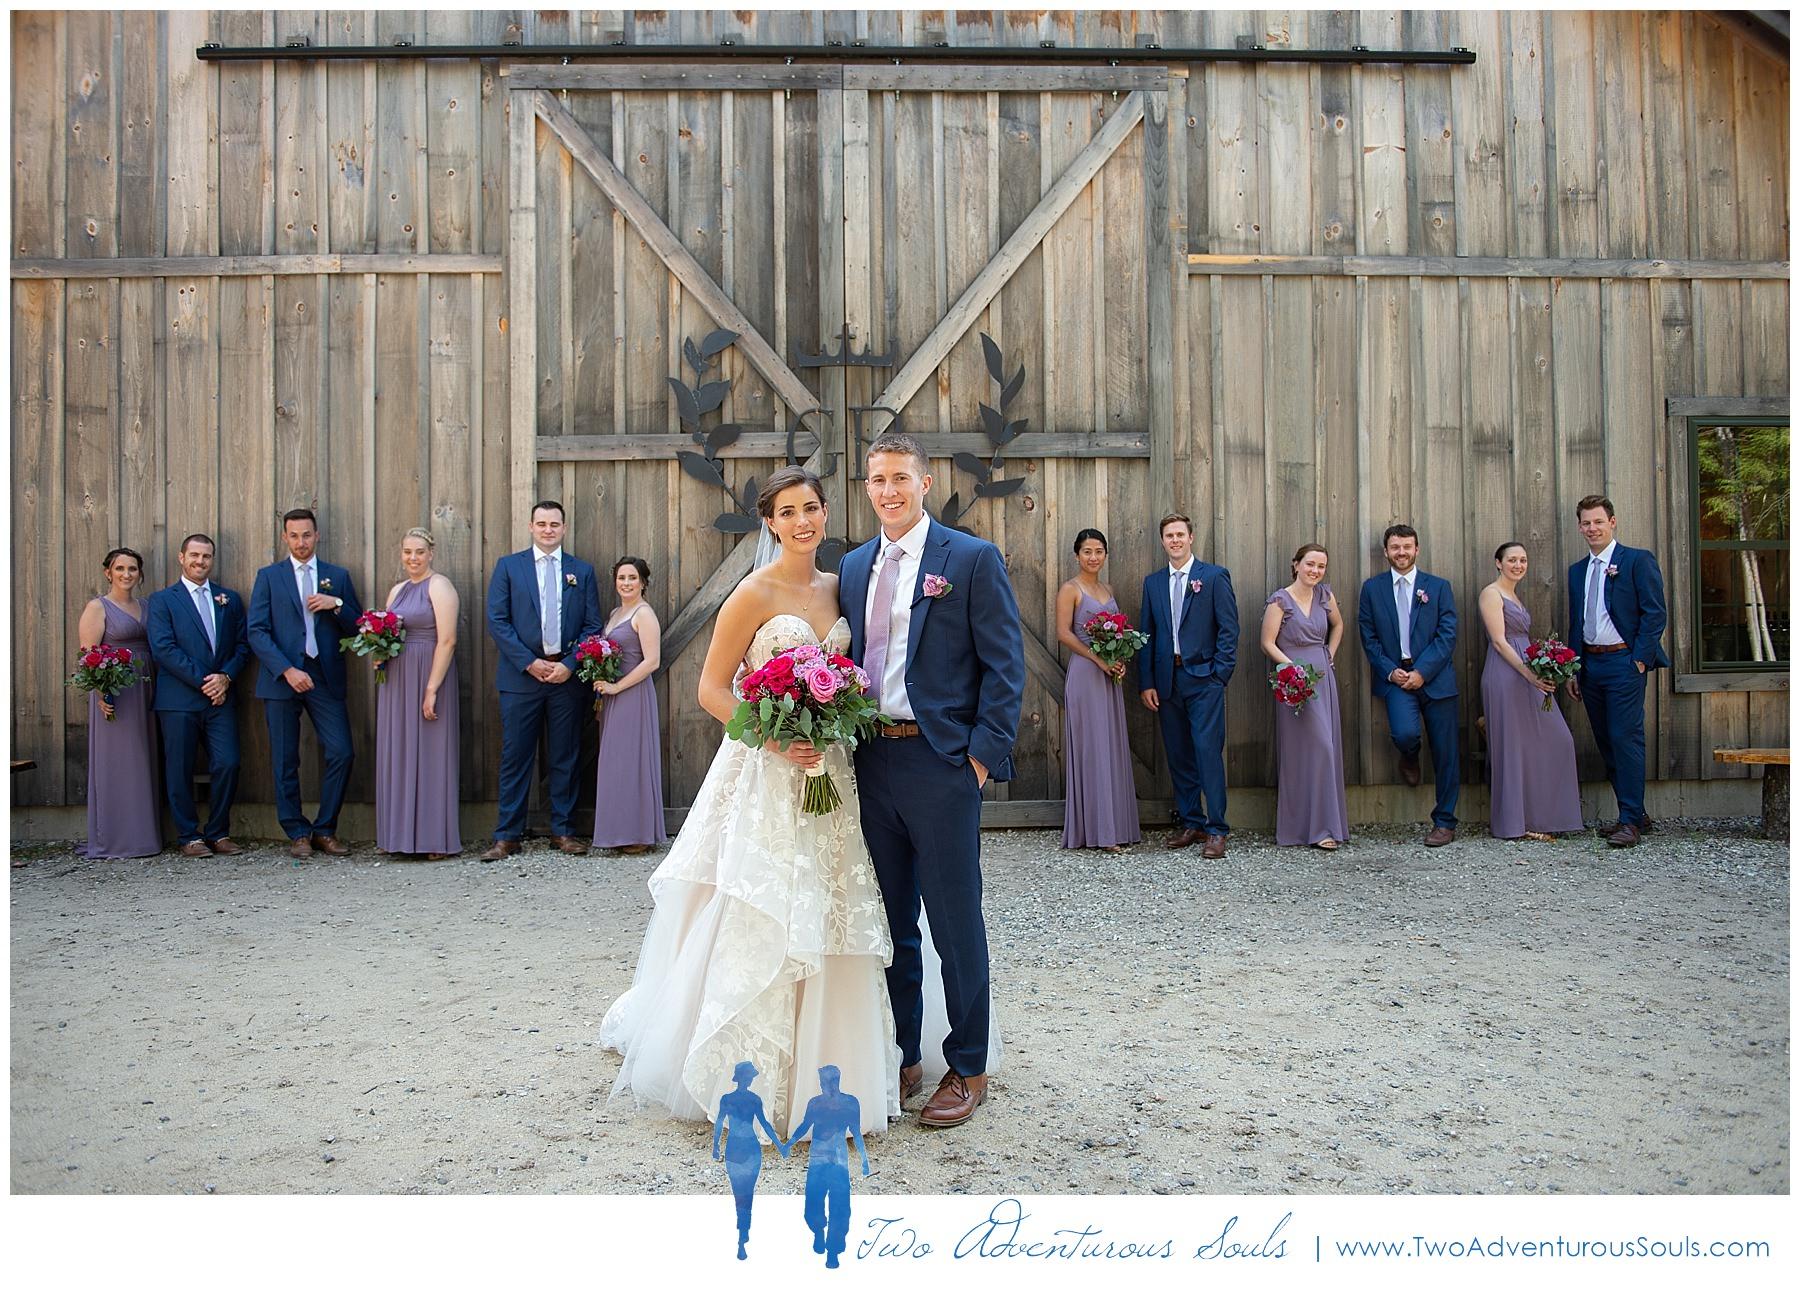 Maine Wedding Photographers, Granite Ridge Estate Wedding Photographers, Two Adventurous Souls - 080319_0049.jpg